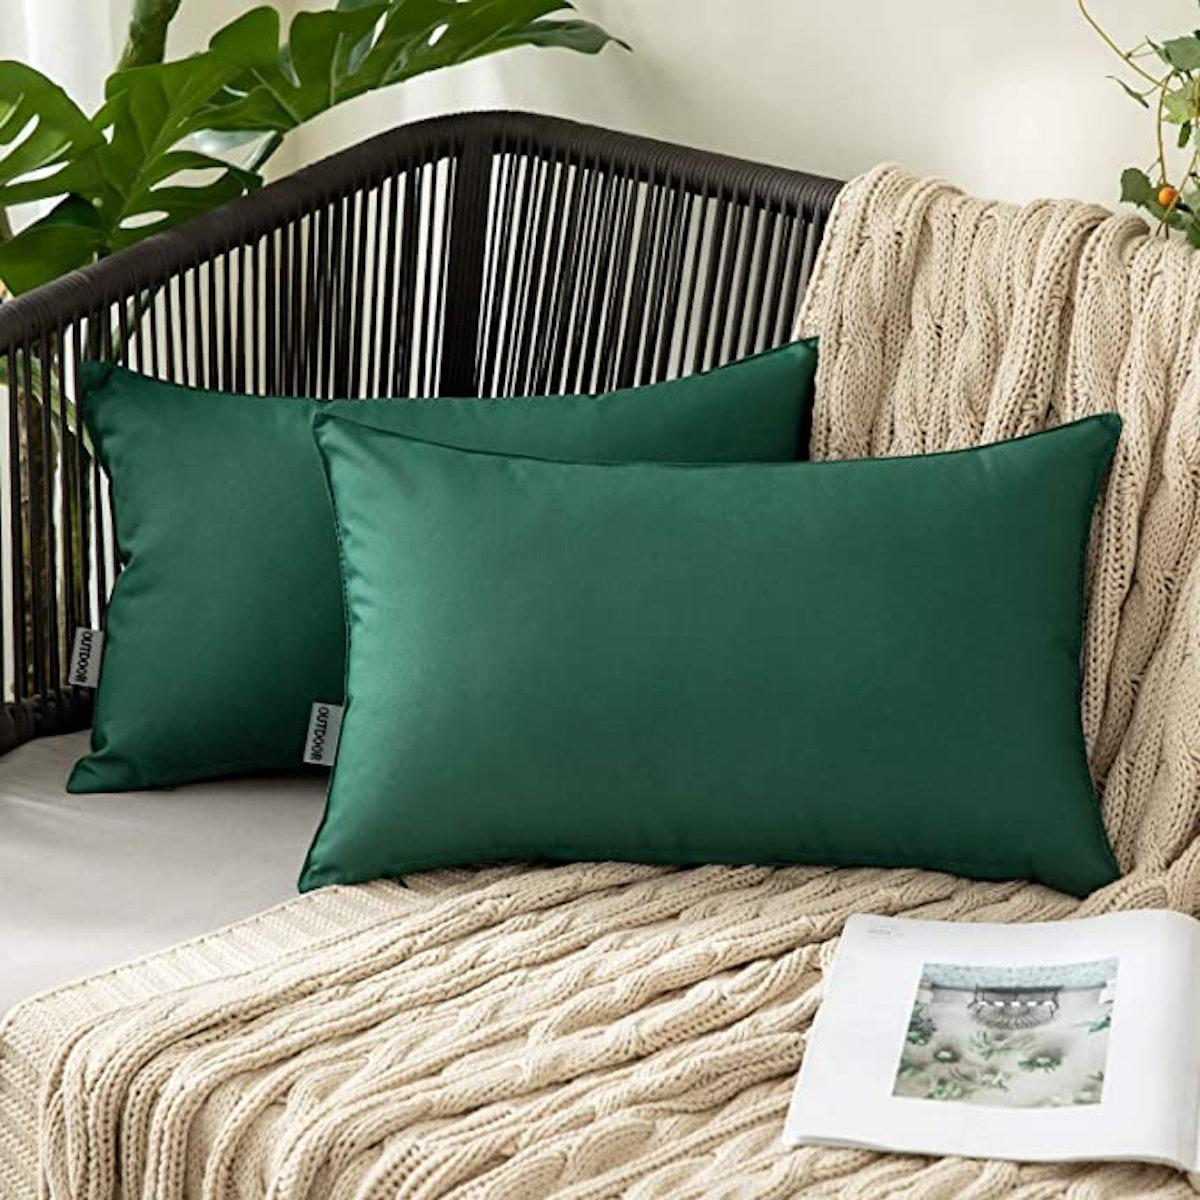 MIULEE Outdoor Waterproof Pillow Covers (2-Pack)